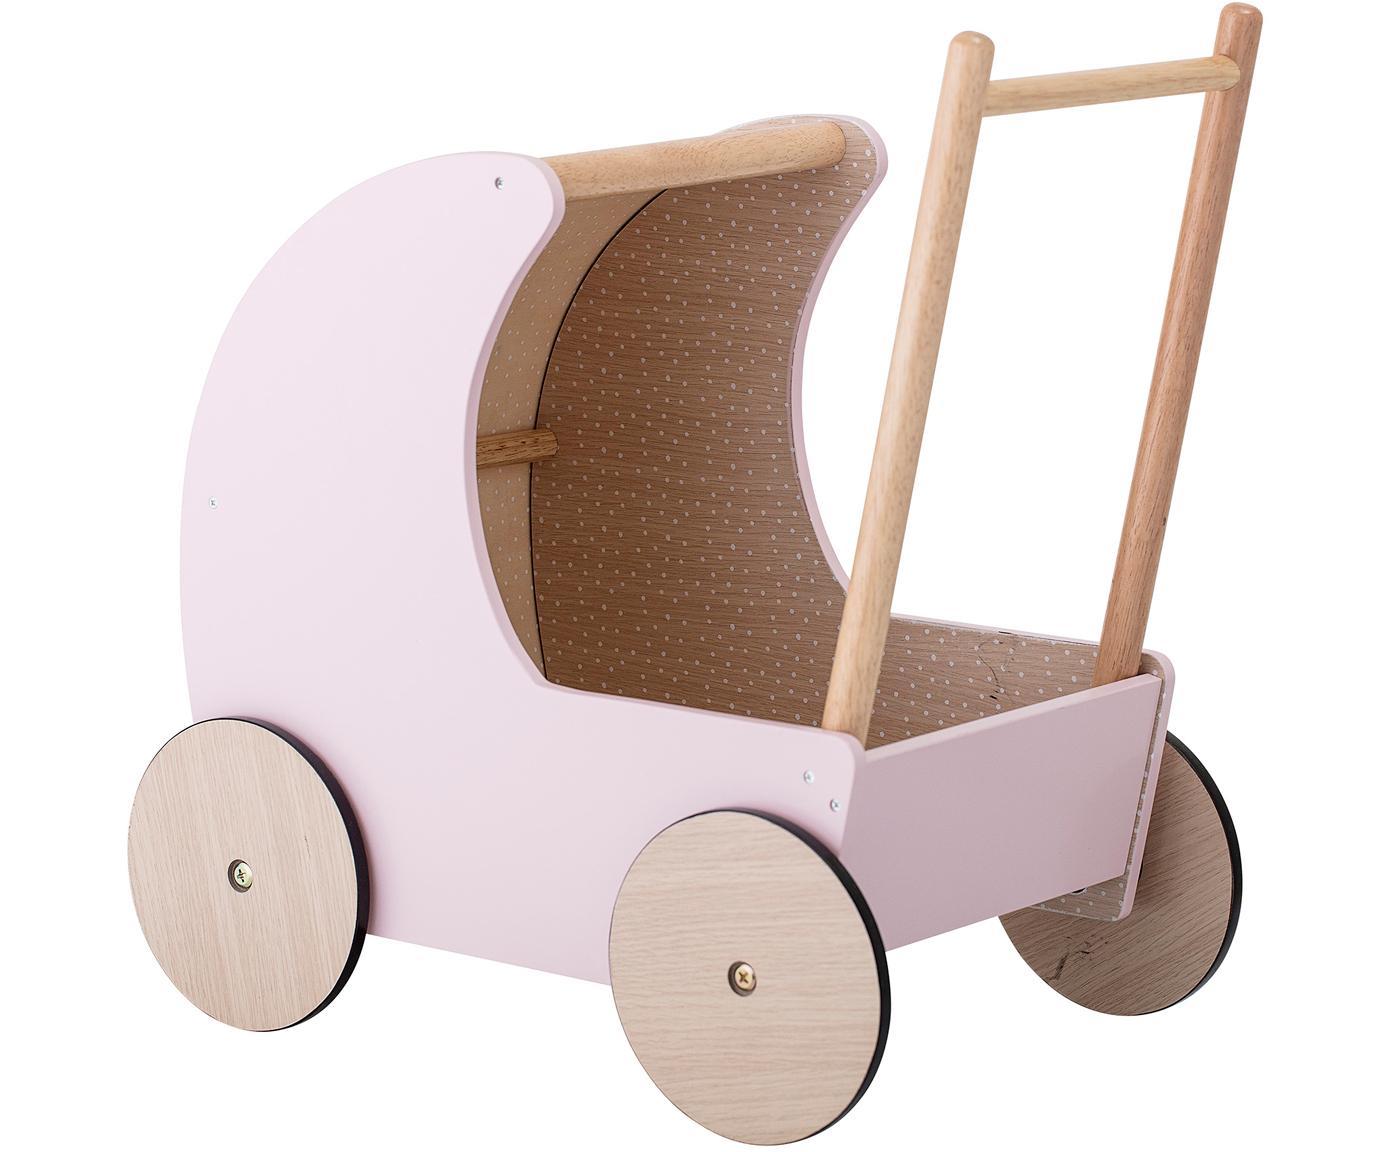 Wózek dla lalek Walk, Płyta pilśniowa średniej gęstości, drewno kauczukowe, Blady różowy, S 25 x W 40 cm